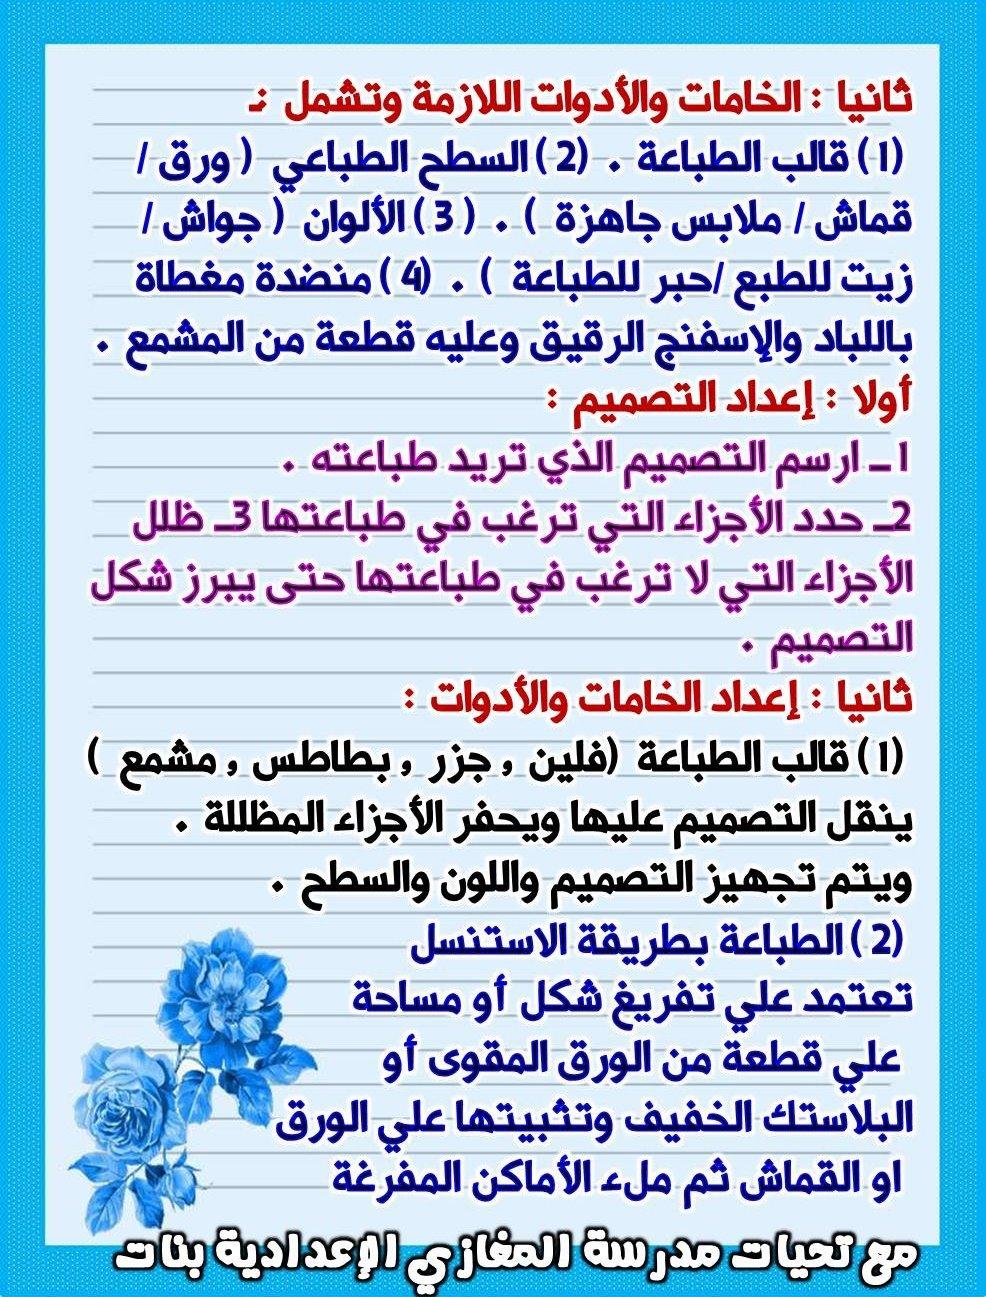 مراجعة التربية الفنية للصف الأول الاعدادي الترمين 13